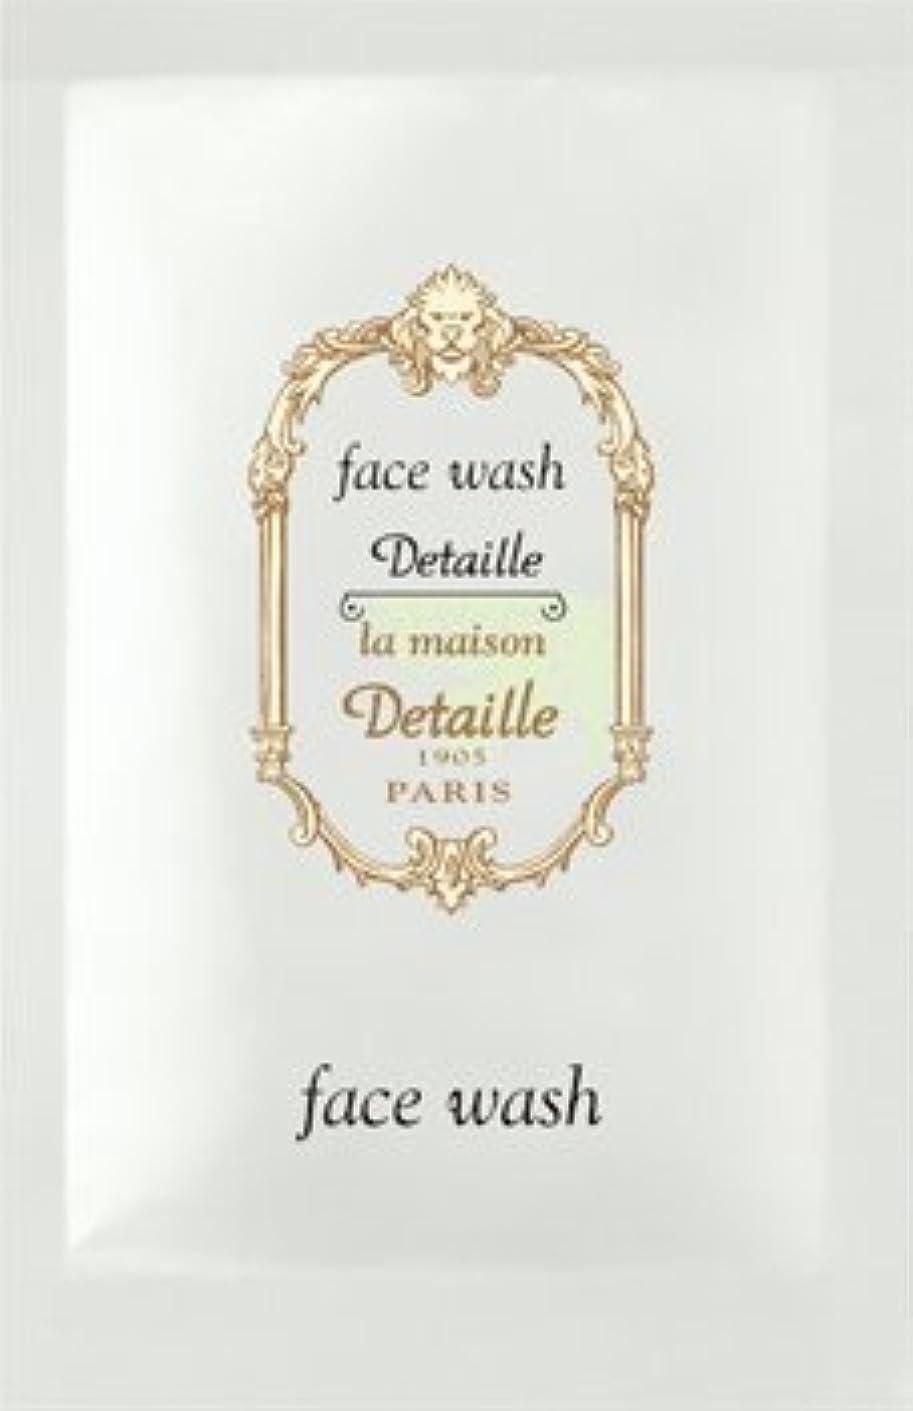 尊敬願う気配りのあるPOLAポーラ デタイユ ラ メゾン 個包装 フェイスウォッシュ<洗顔料> 2.2g×100包